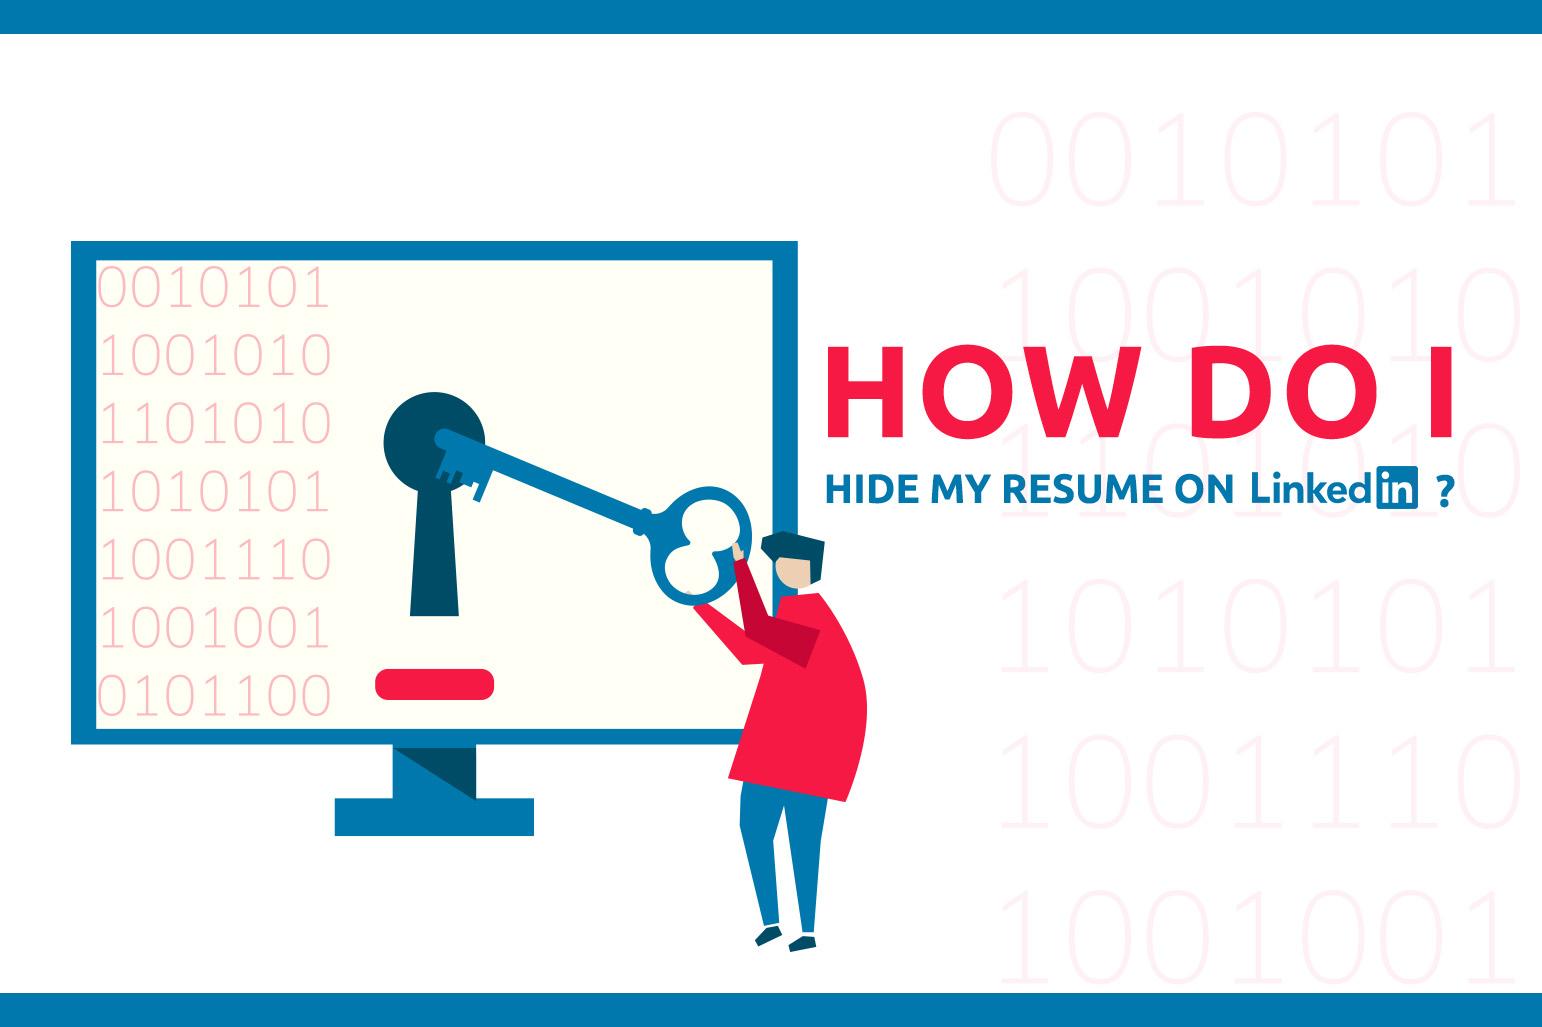 Como posso ocultar meu currículo no LinkedIn?